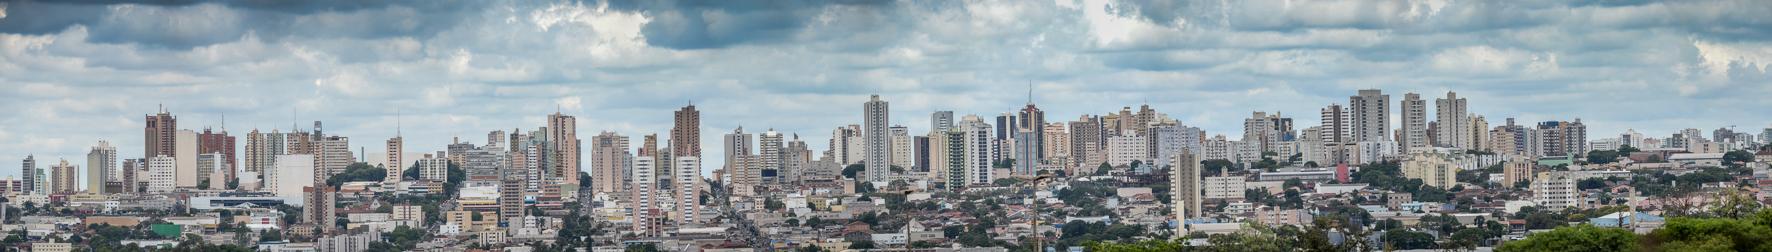 londrina panoramica